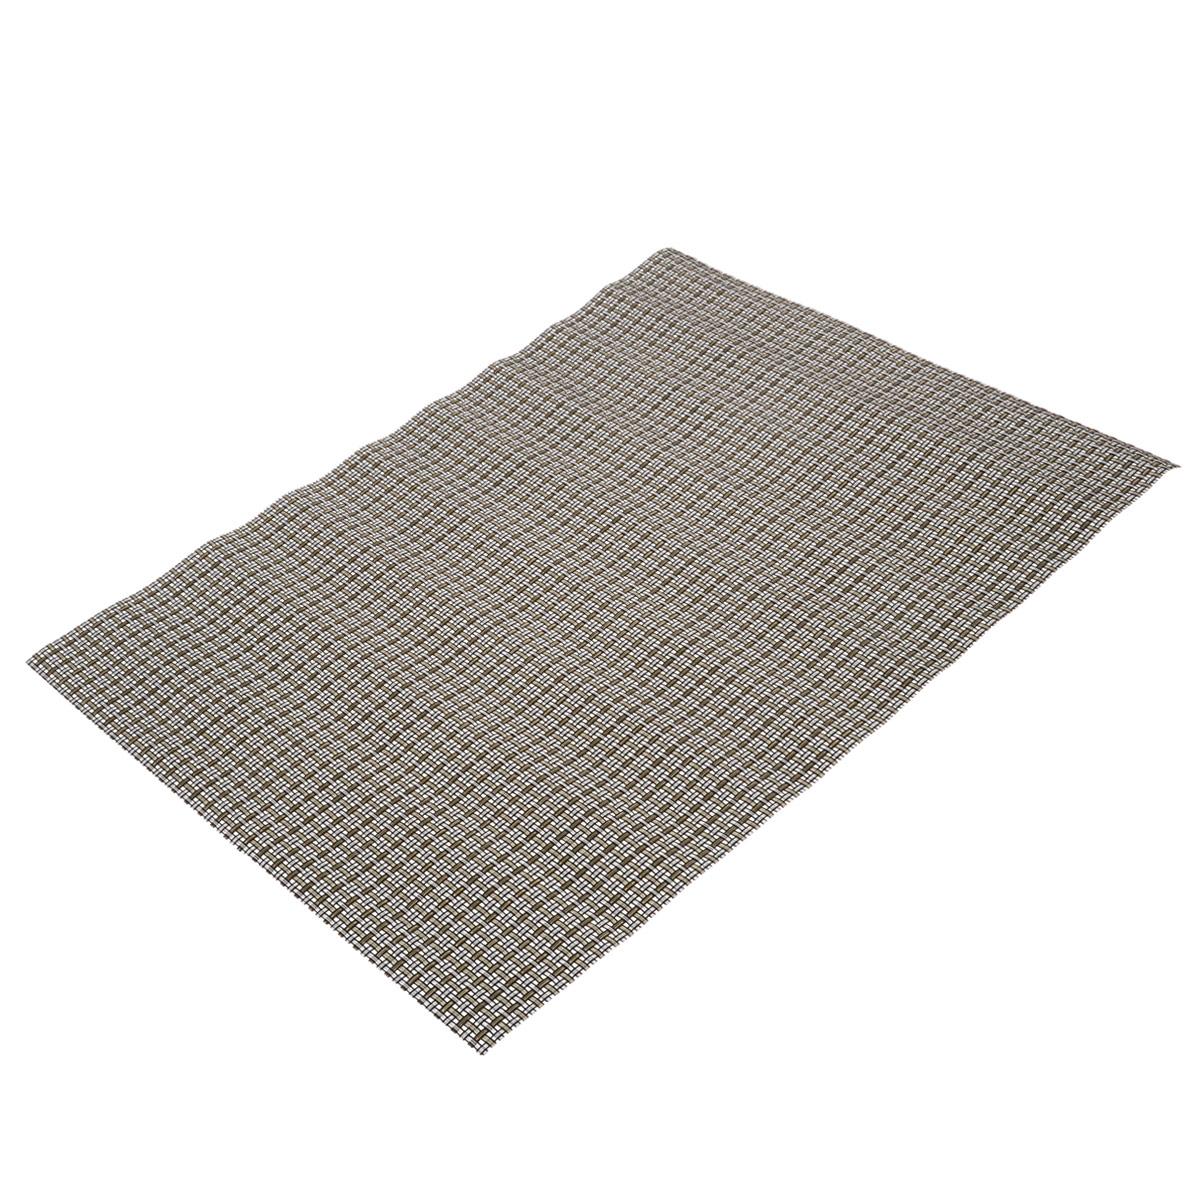 Подставка под горячее Bradex, цвет: серый, 45 см х 30 смTK 0095_серыйПрямоугольная подставка под горячее Bradex, выполненная из прочного ПВХ, не боится высоких температур и легко чистится от пятен и жира. Каждая хозяйка знает, что подставка под горячее - это незаменимый и очень полезный аксессуар на каждой кухне. Ваш стол будет не только украшен оригинальной подставкой, но и сбережен от воздействия высоких температур ваших кулинарных шедевров.